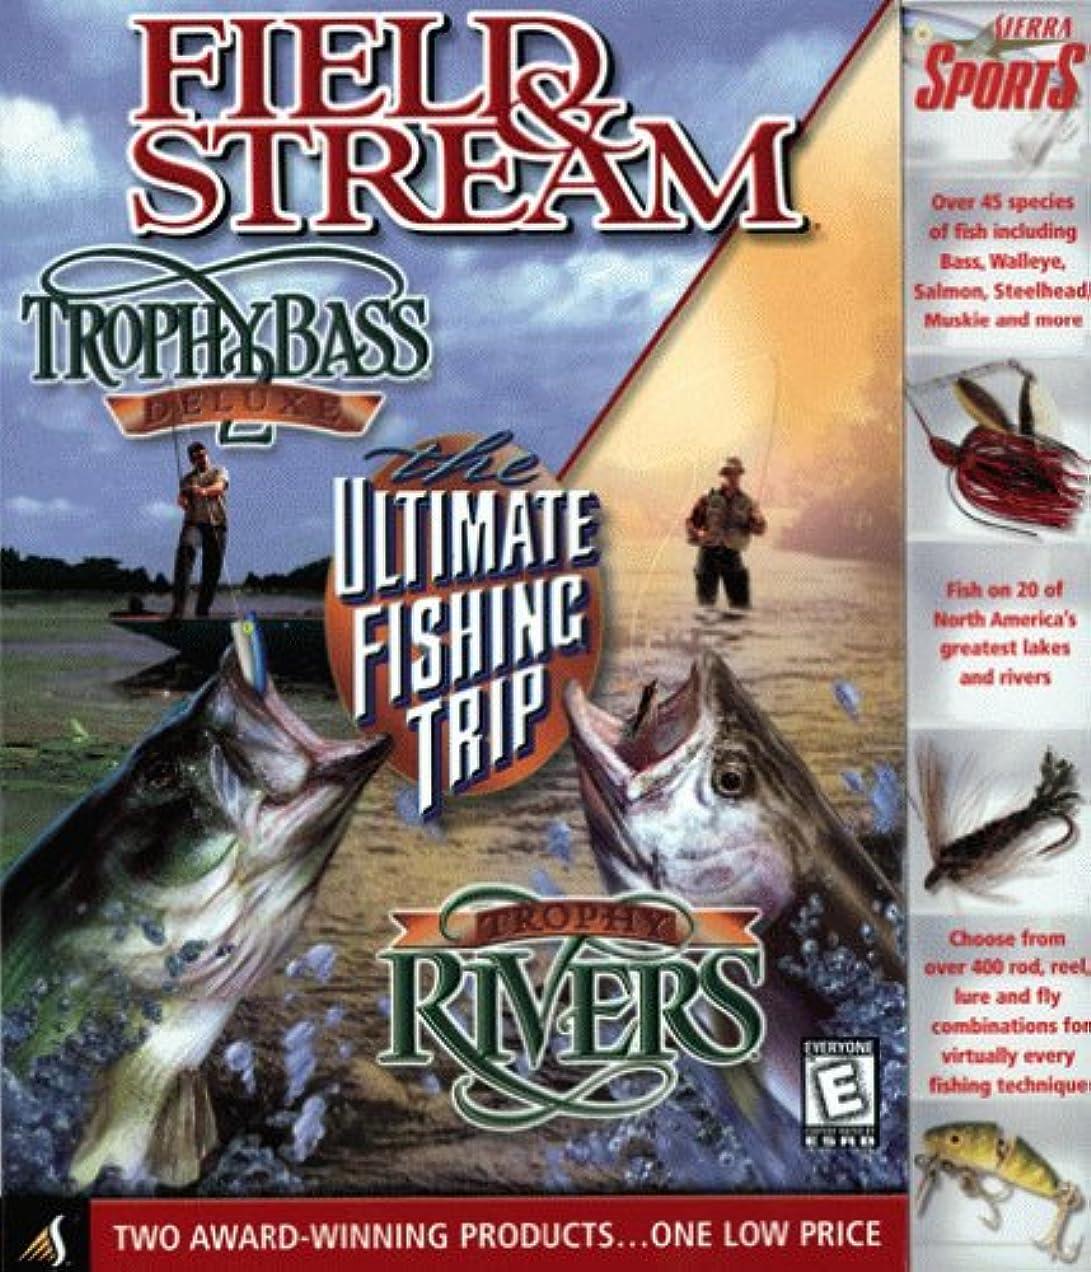 再生取り出す不承認Field & Stream Ultimate Fishing Pack (輸入版)